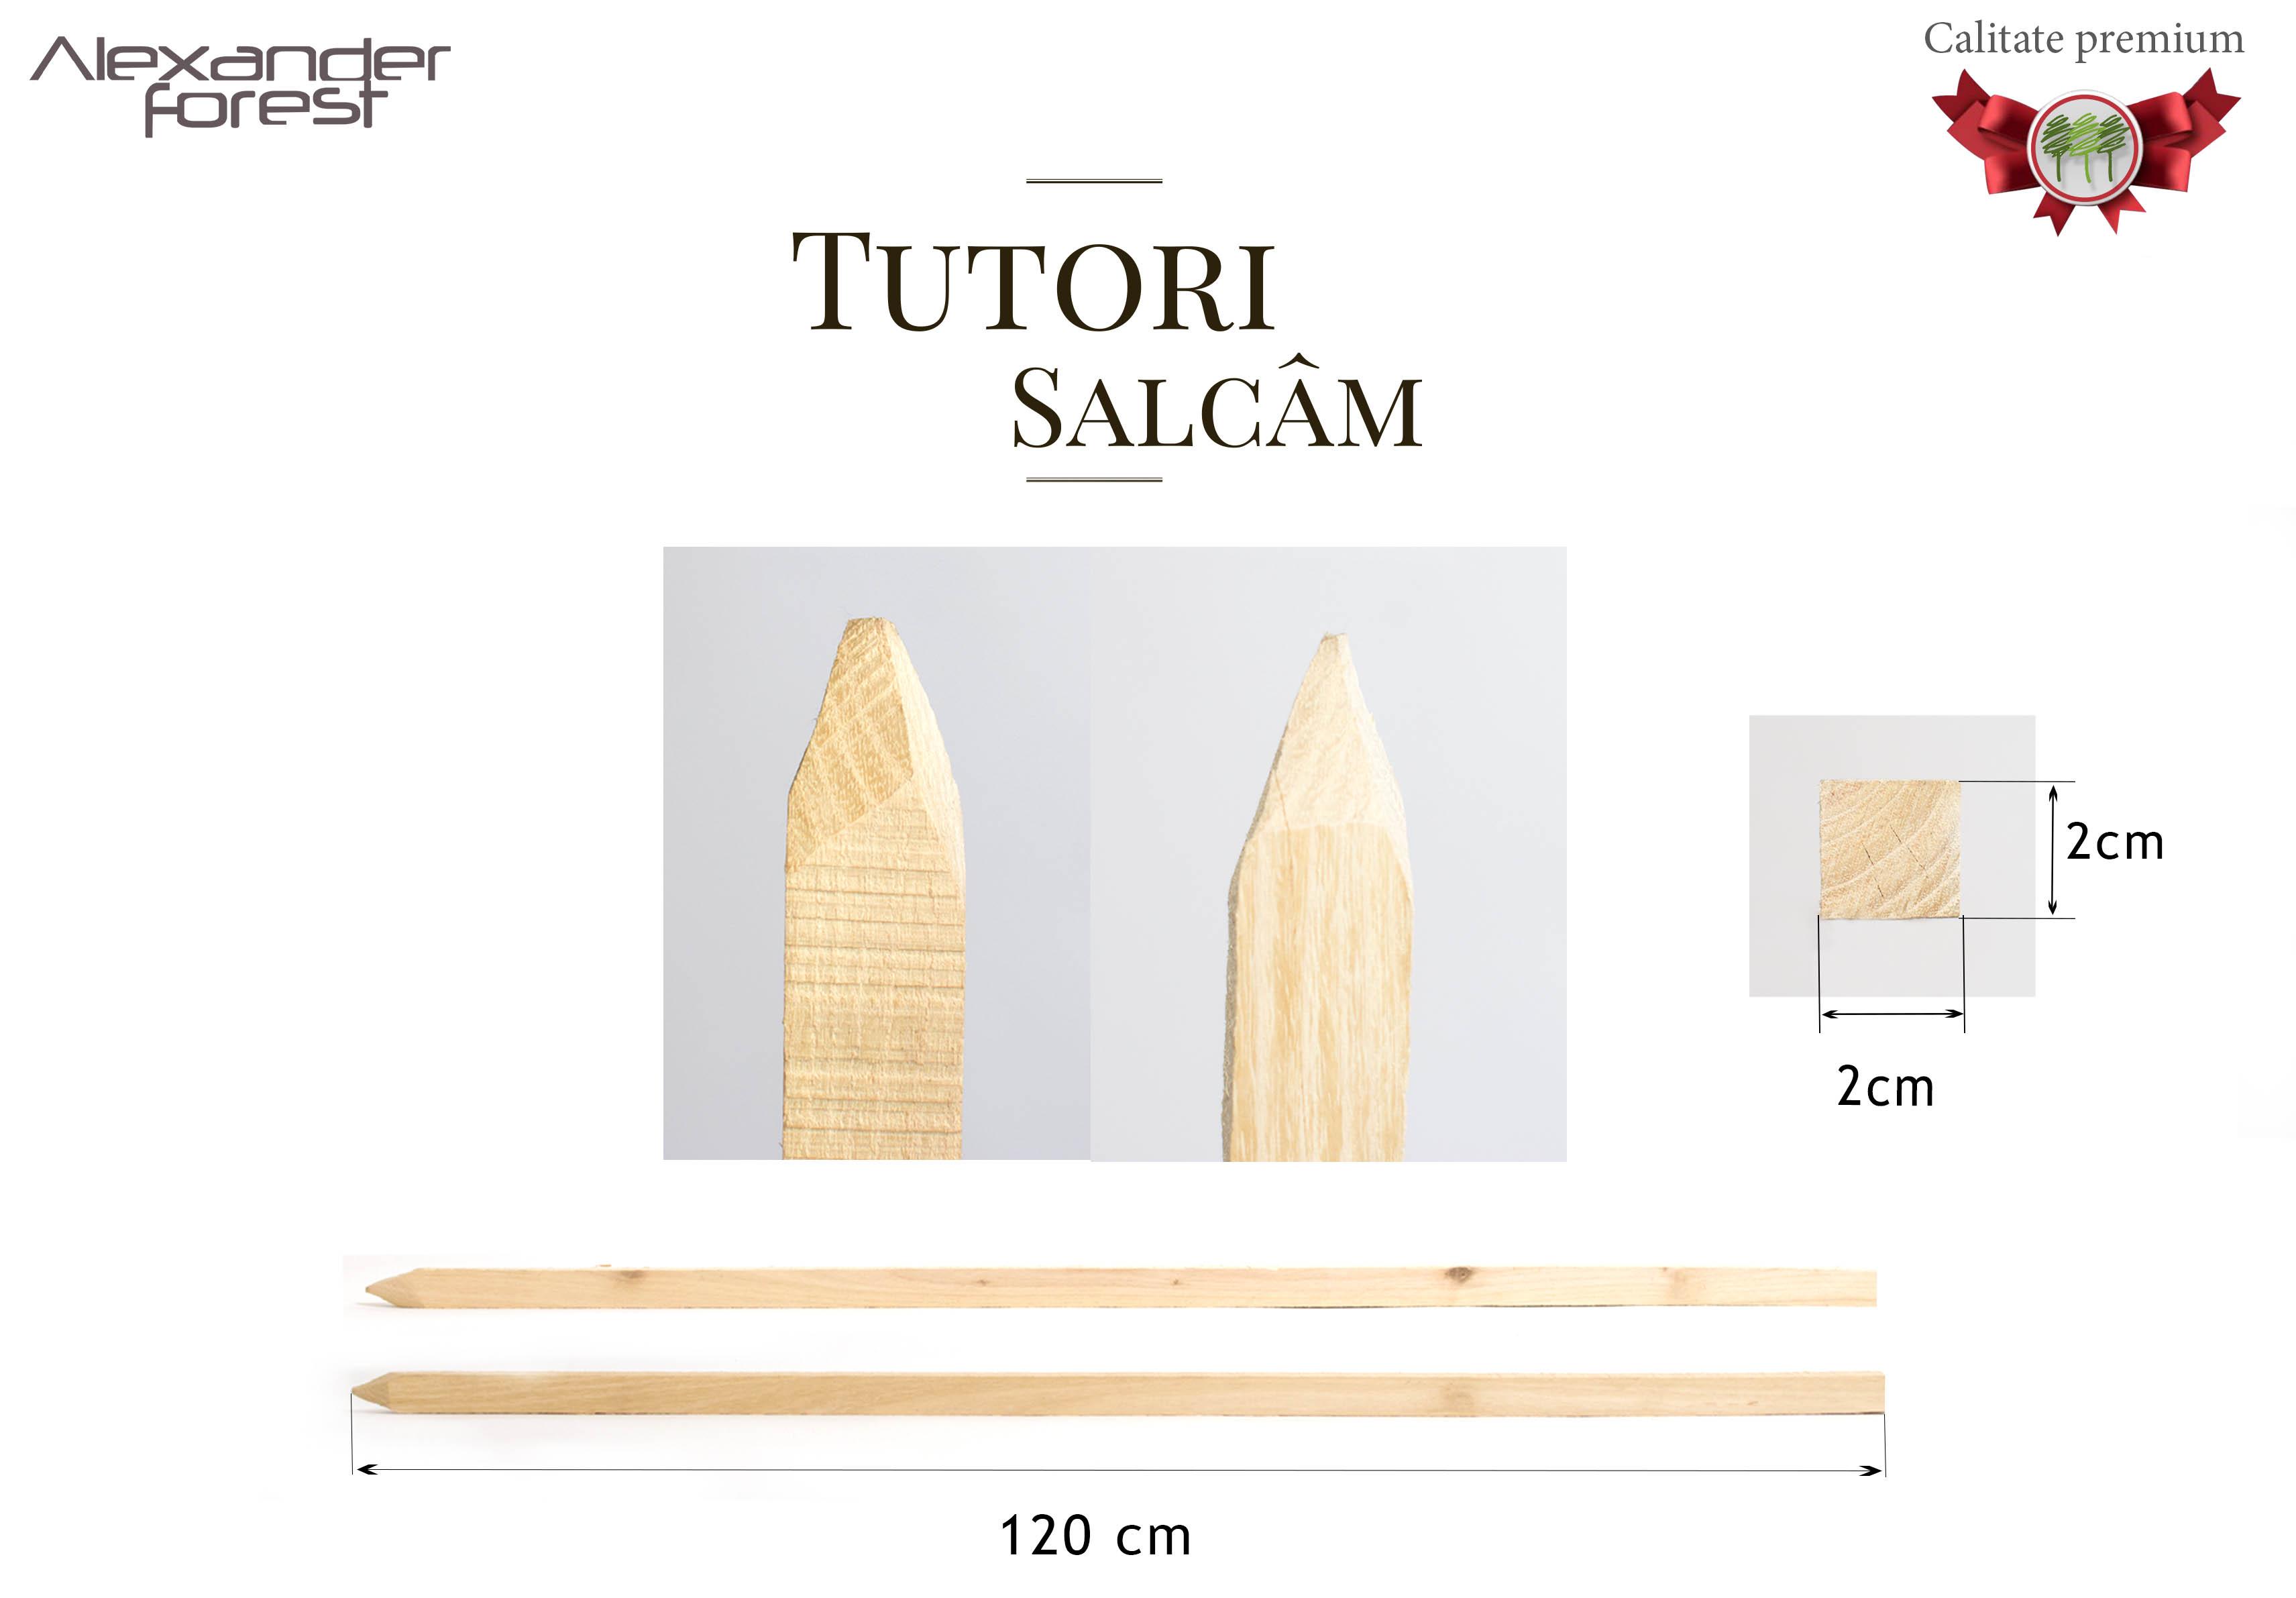 Tutori_salcam